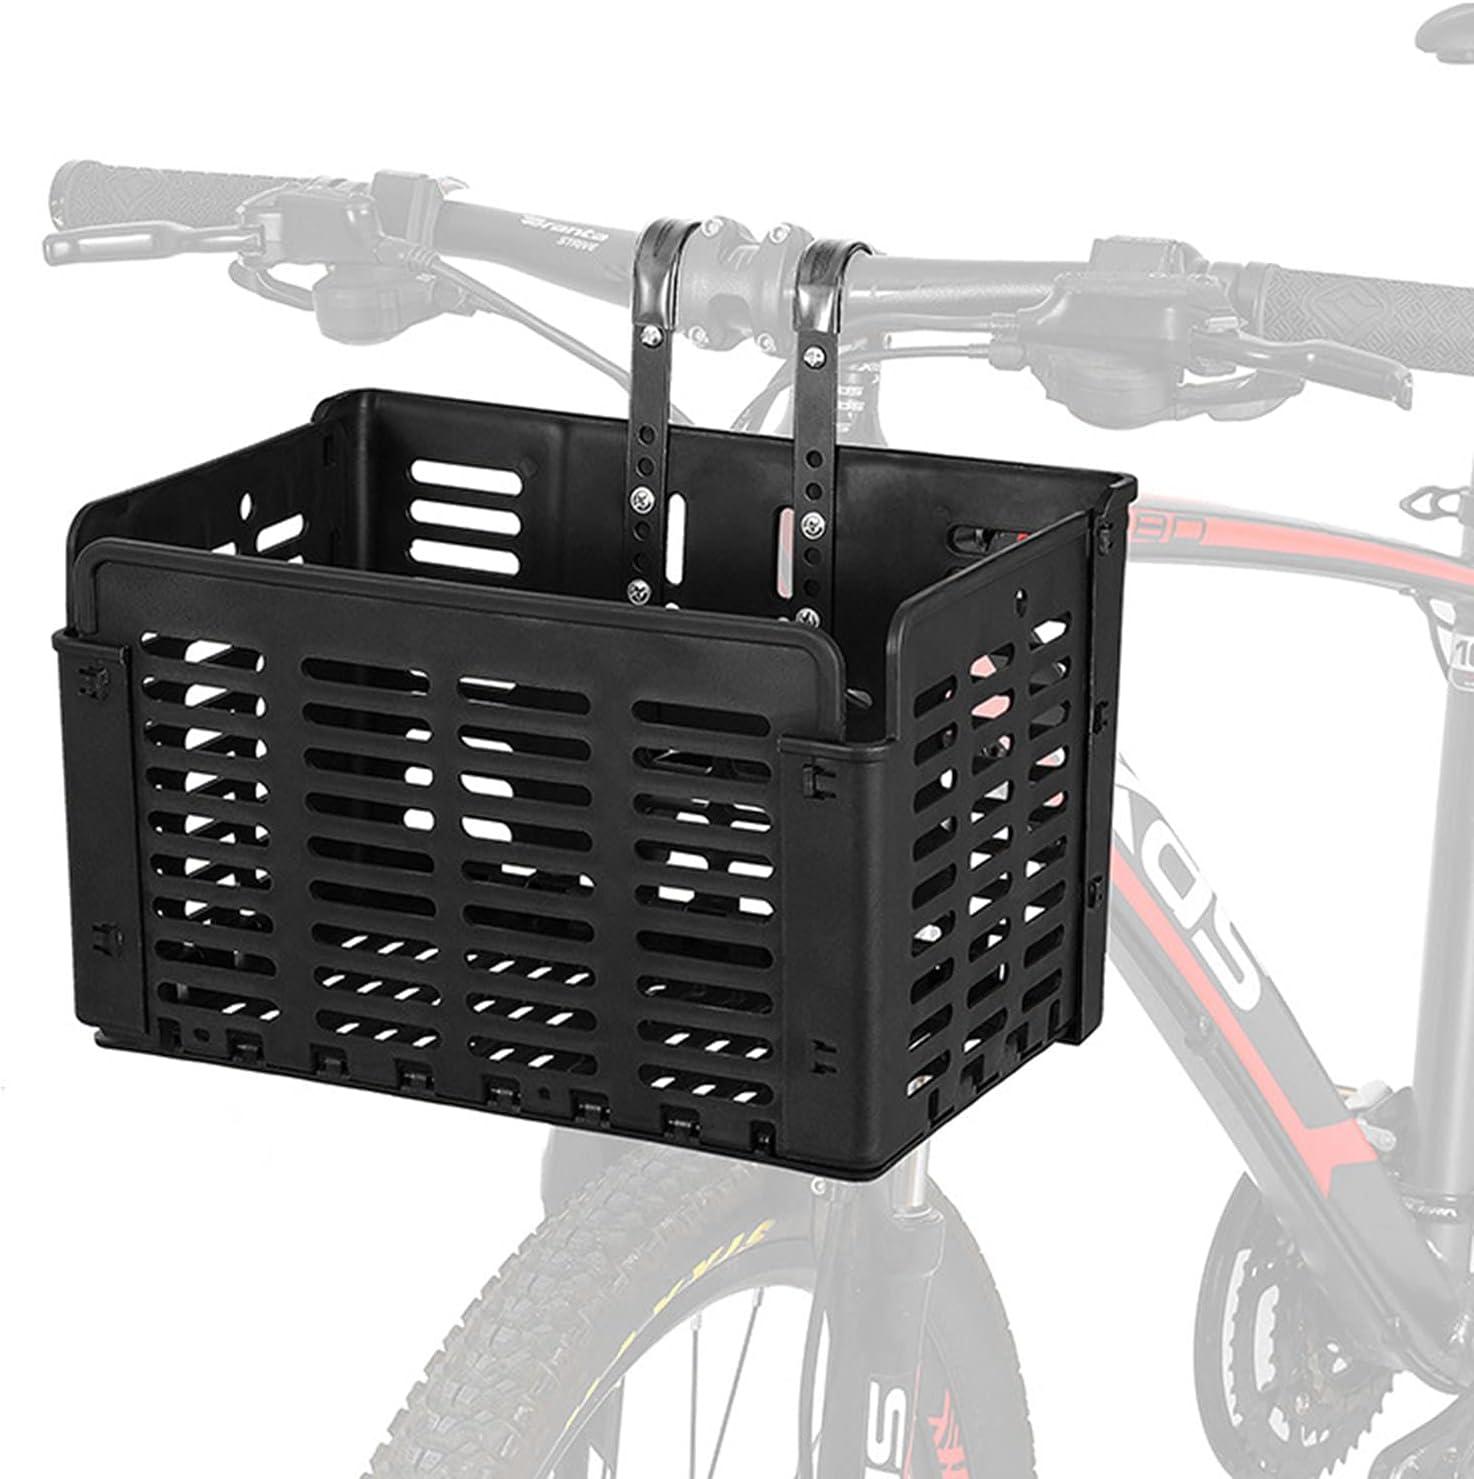 XYLUCKY Cesta De Bicicleta Plegable Cesta De Bicicleta Trasera Delantera Desmontable Bolsa De Bicicleta para Adultos Bolsa De Cesta De Bicicleta Colgante Bolsa para Accesorios De Bicicleta